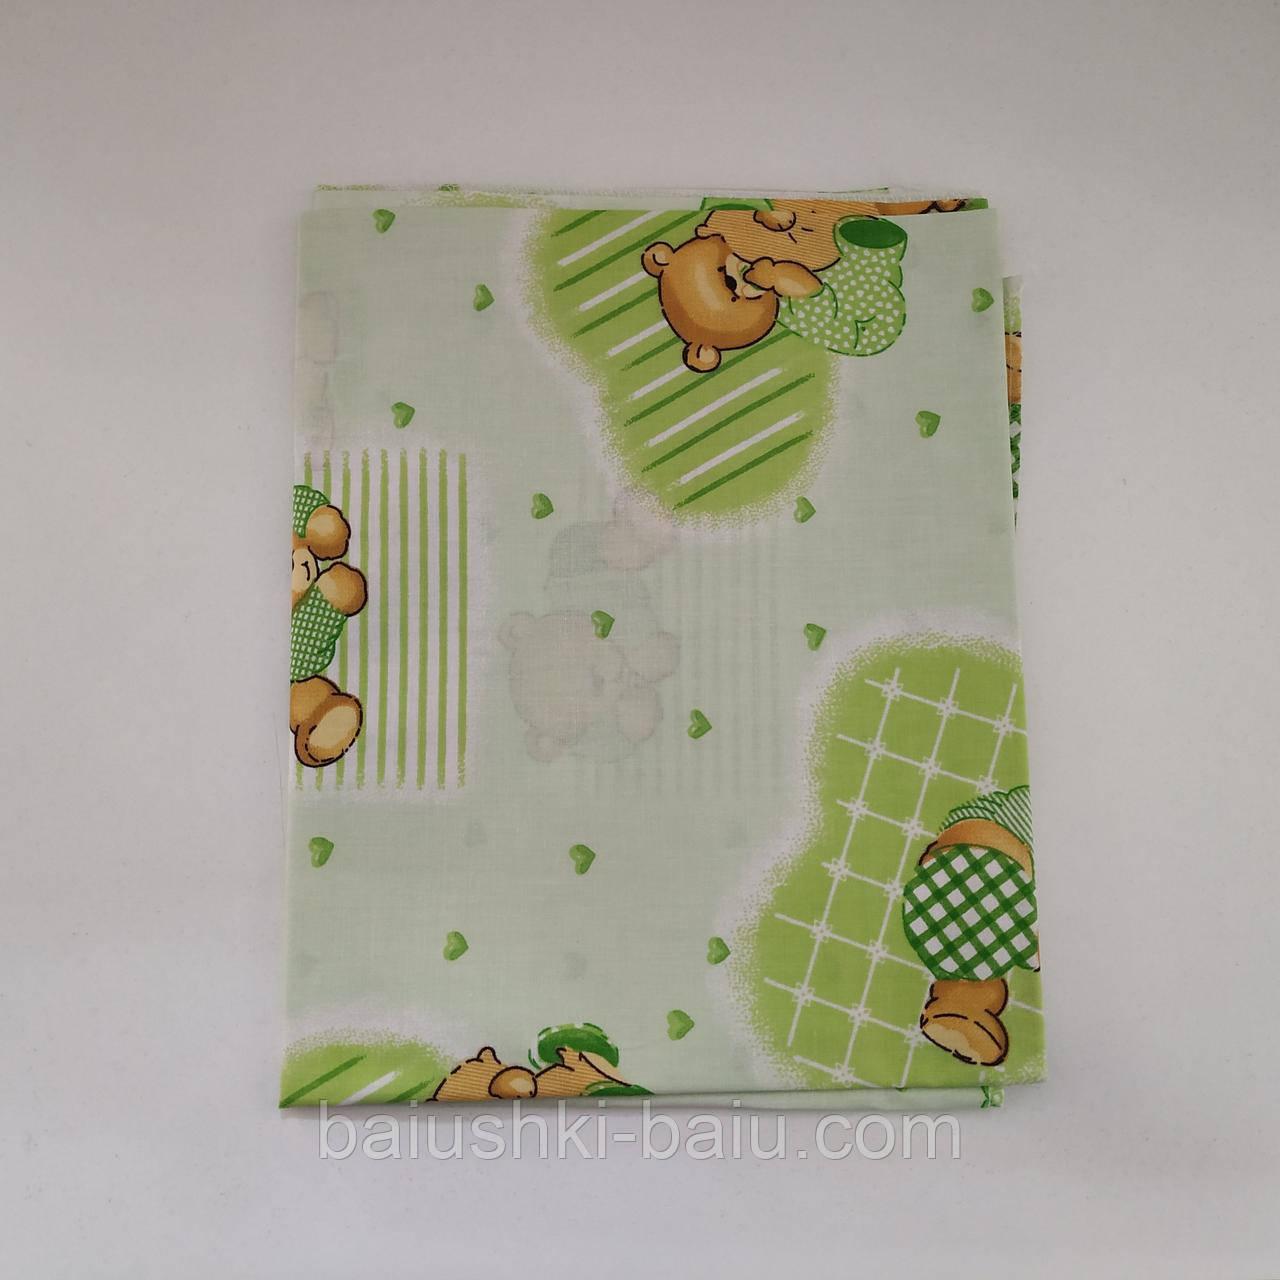 Пеленка детская для новорожденного в роддом, бязь